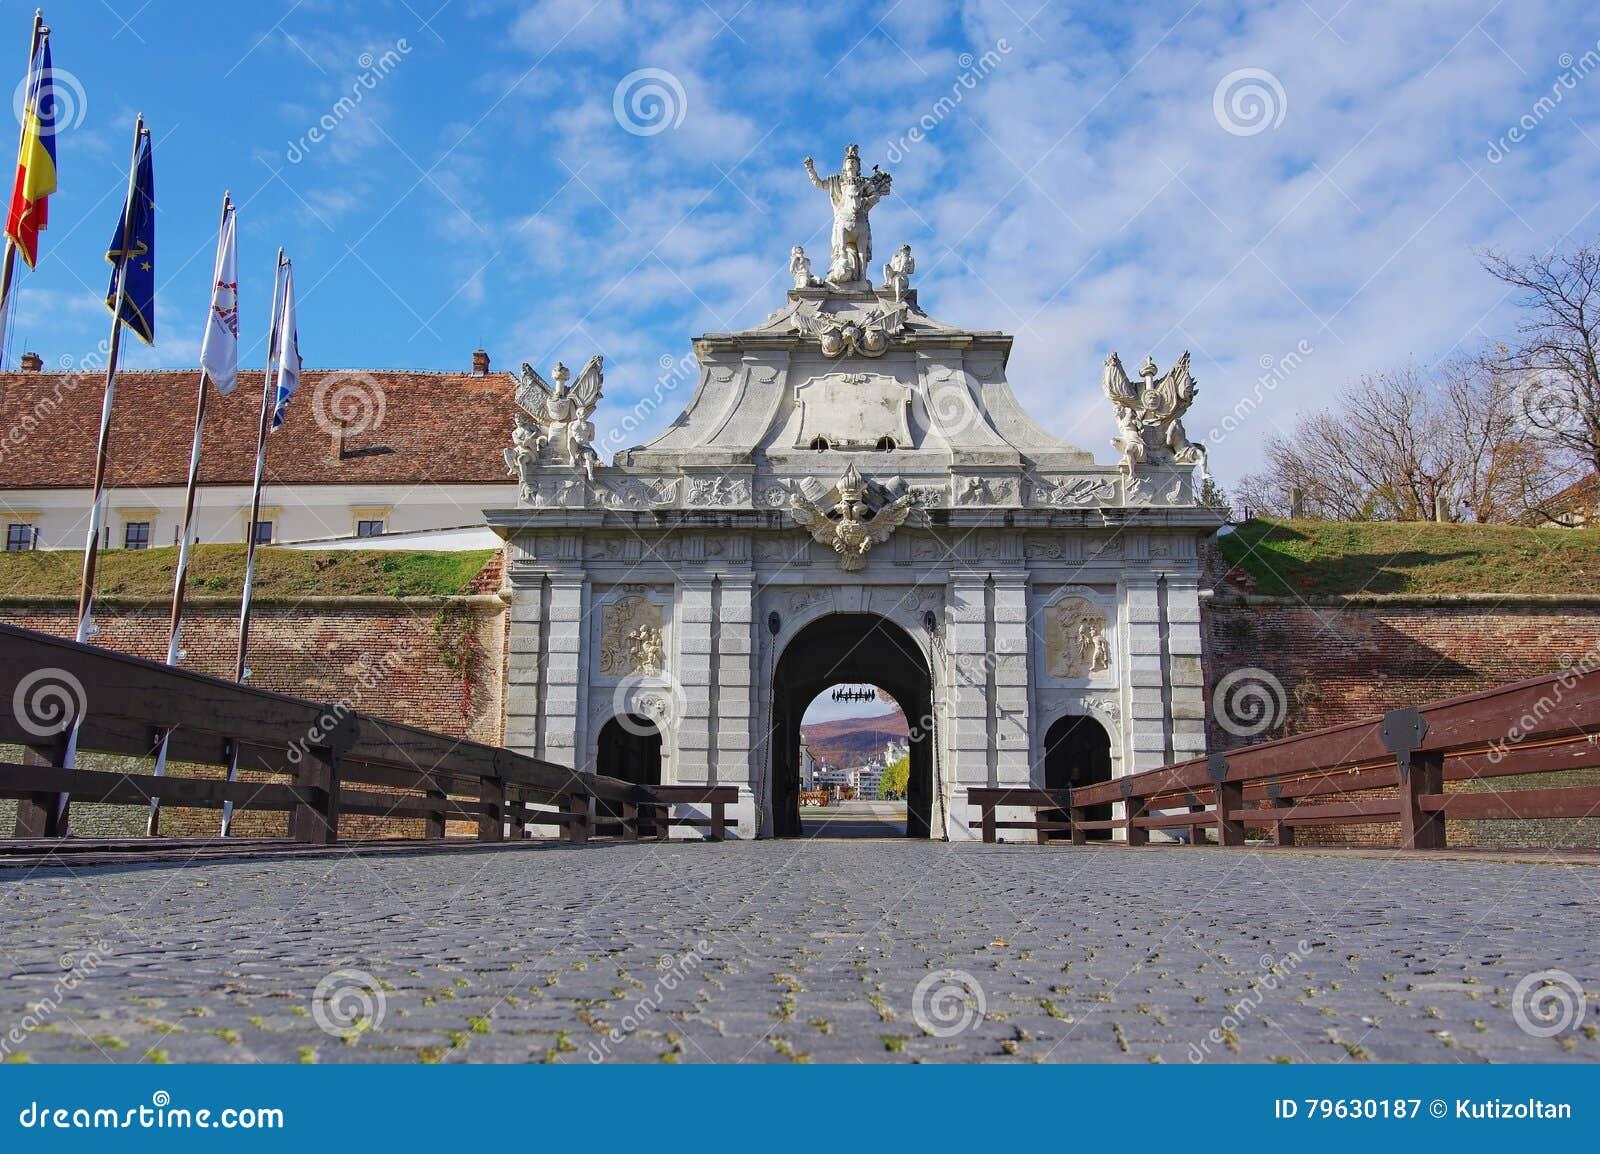 Gate of citadel